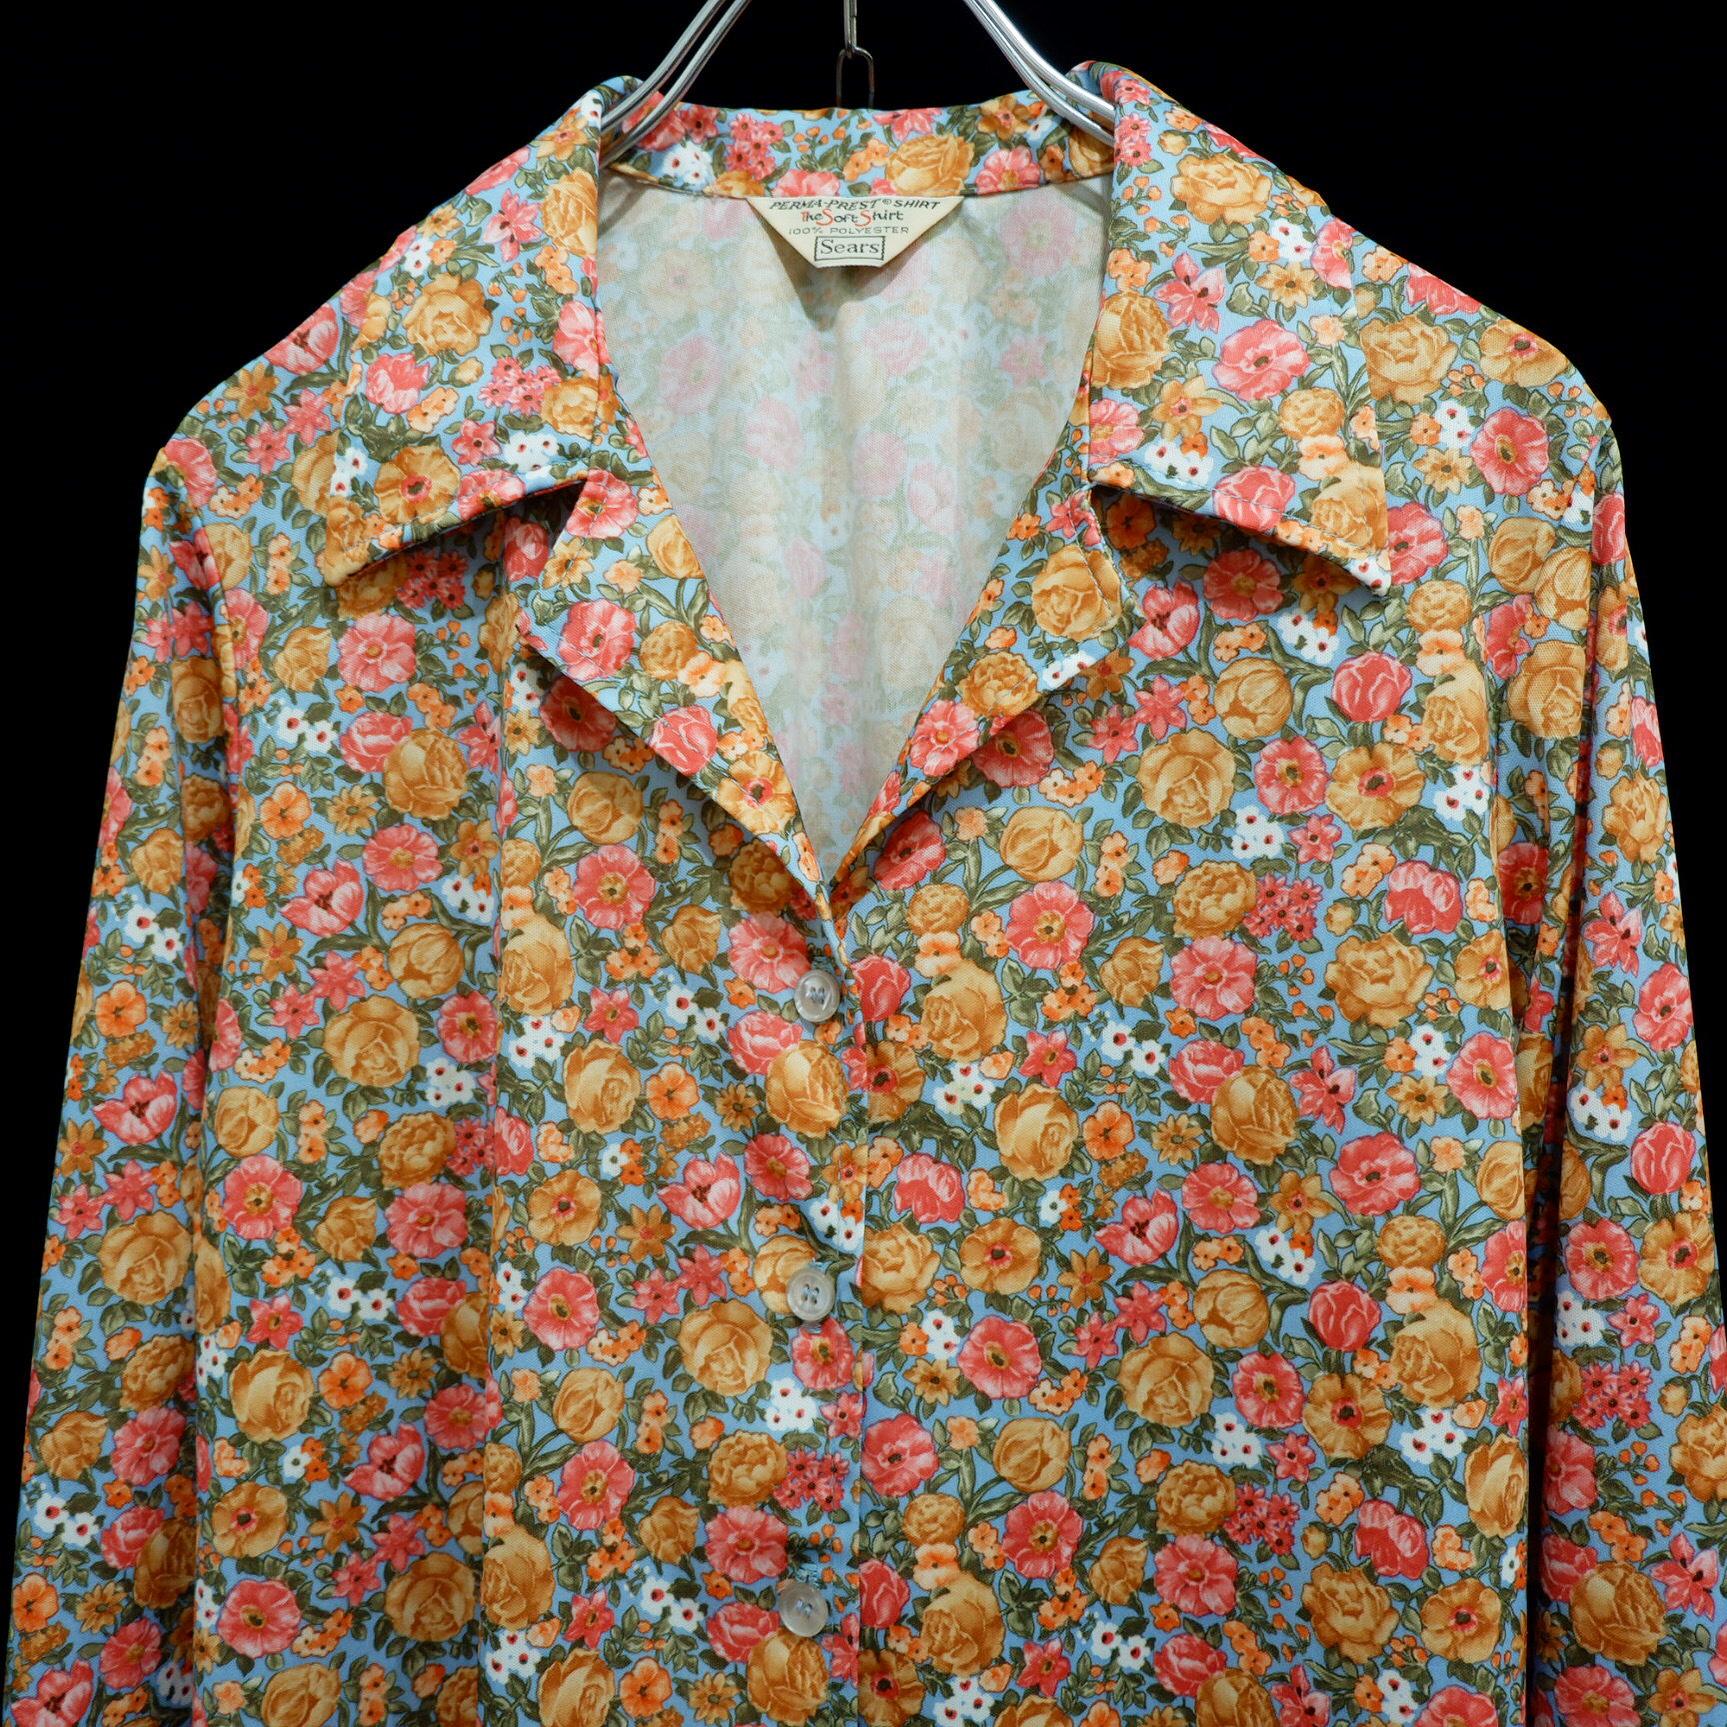 """アメリカ古着 1970s vintage """"Sears"""" ポリエステル シャツ"""